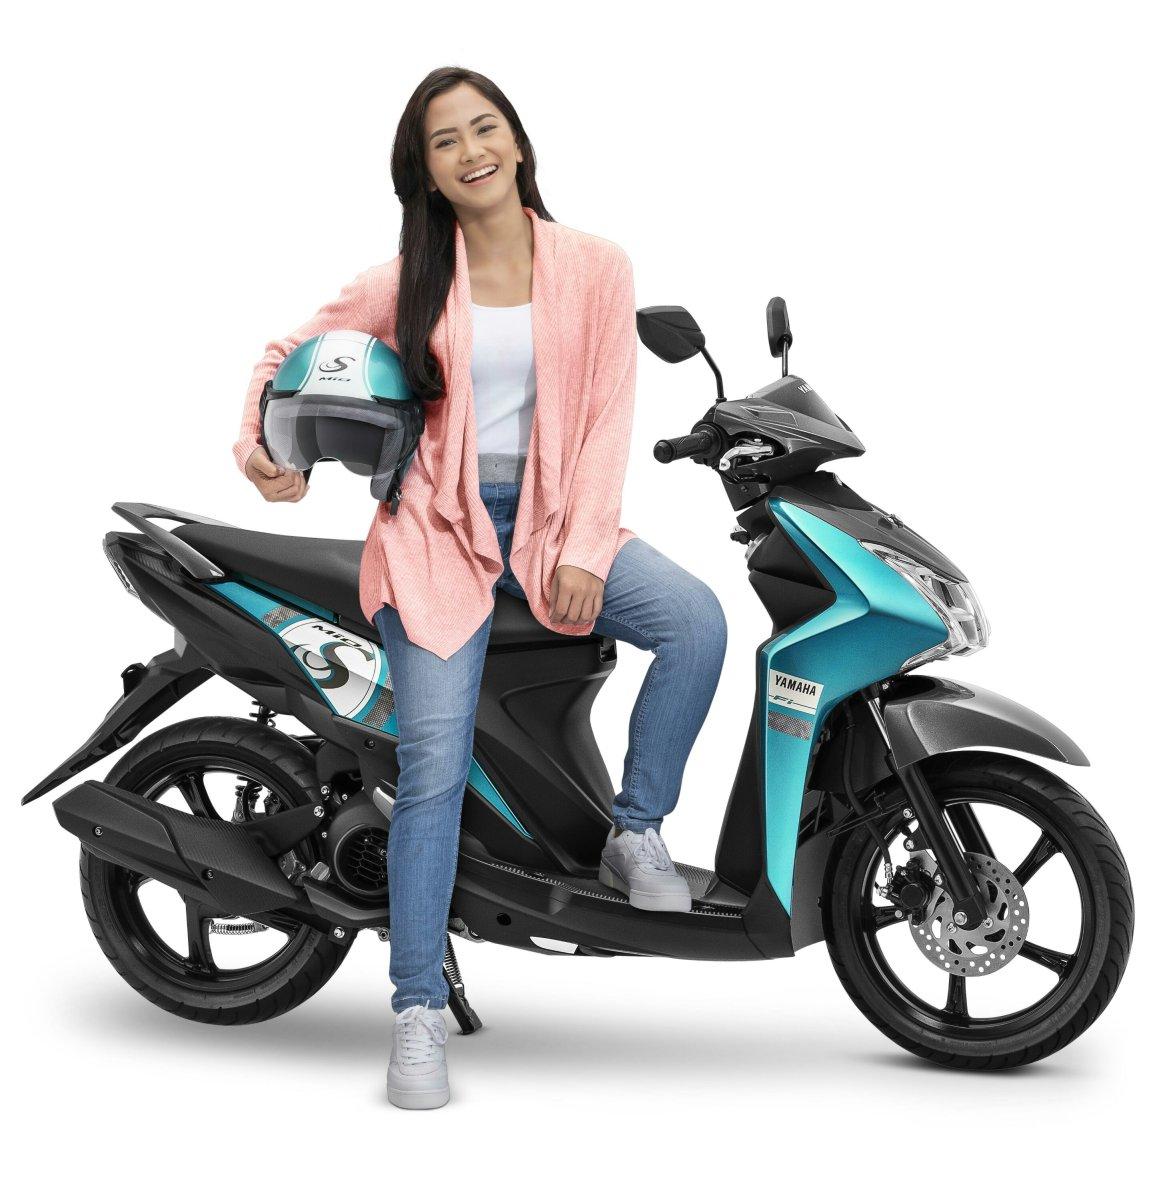 Nambah Unyu Unyu, Yamaha Indonesia Hadirkan Warna Baru Mio S